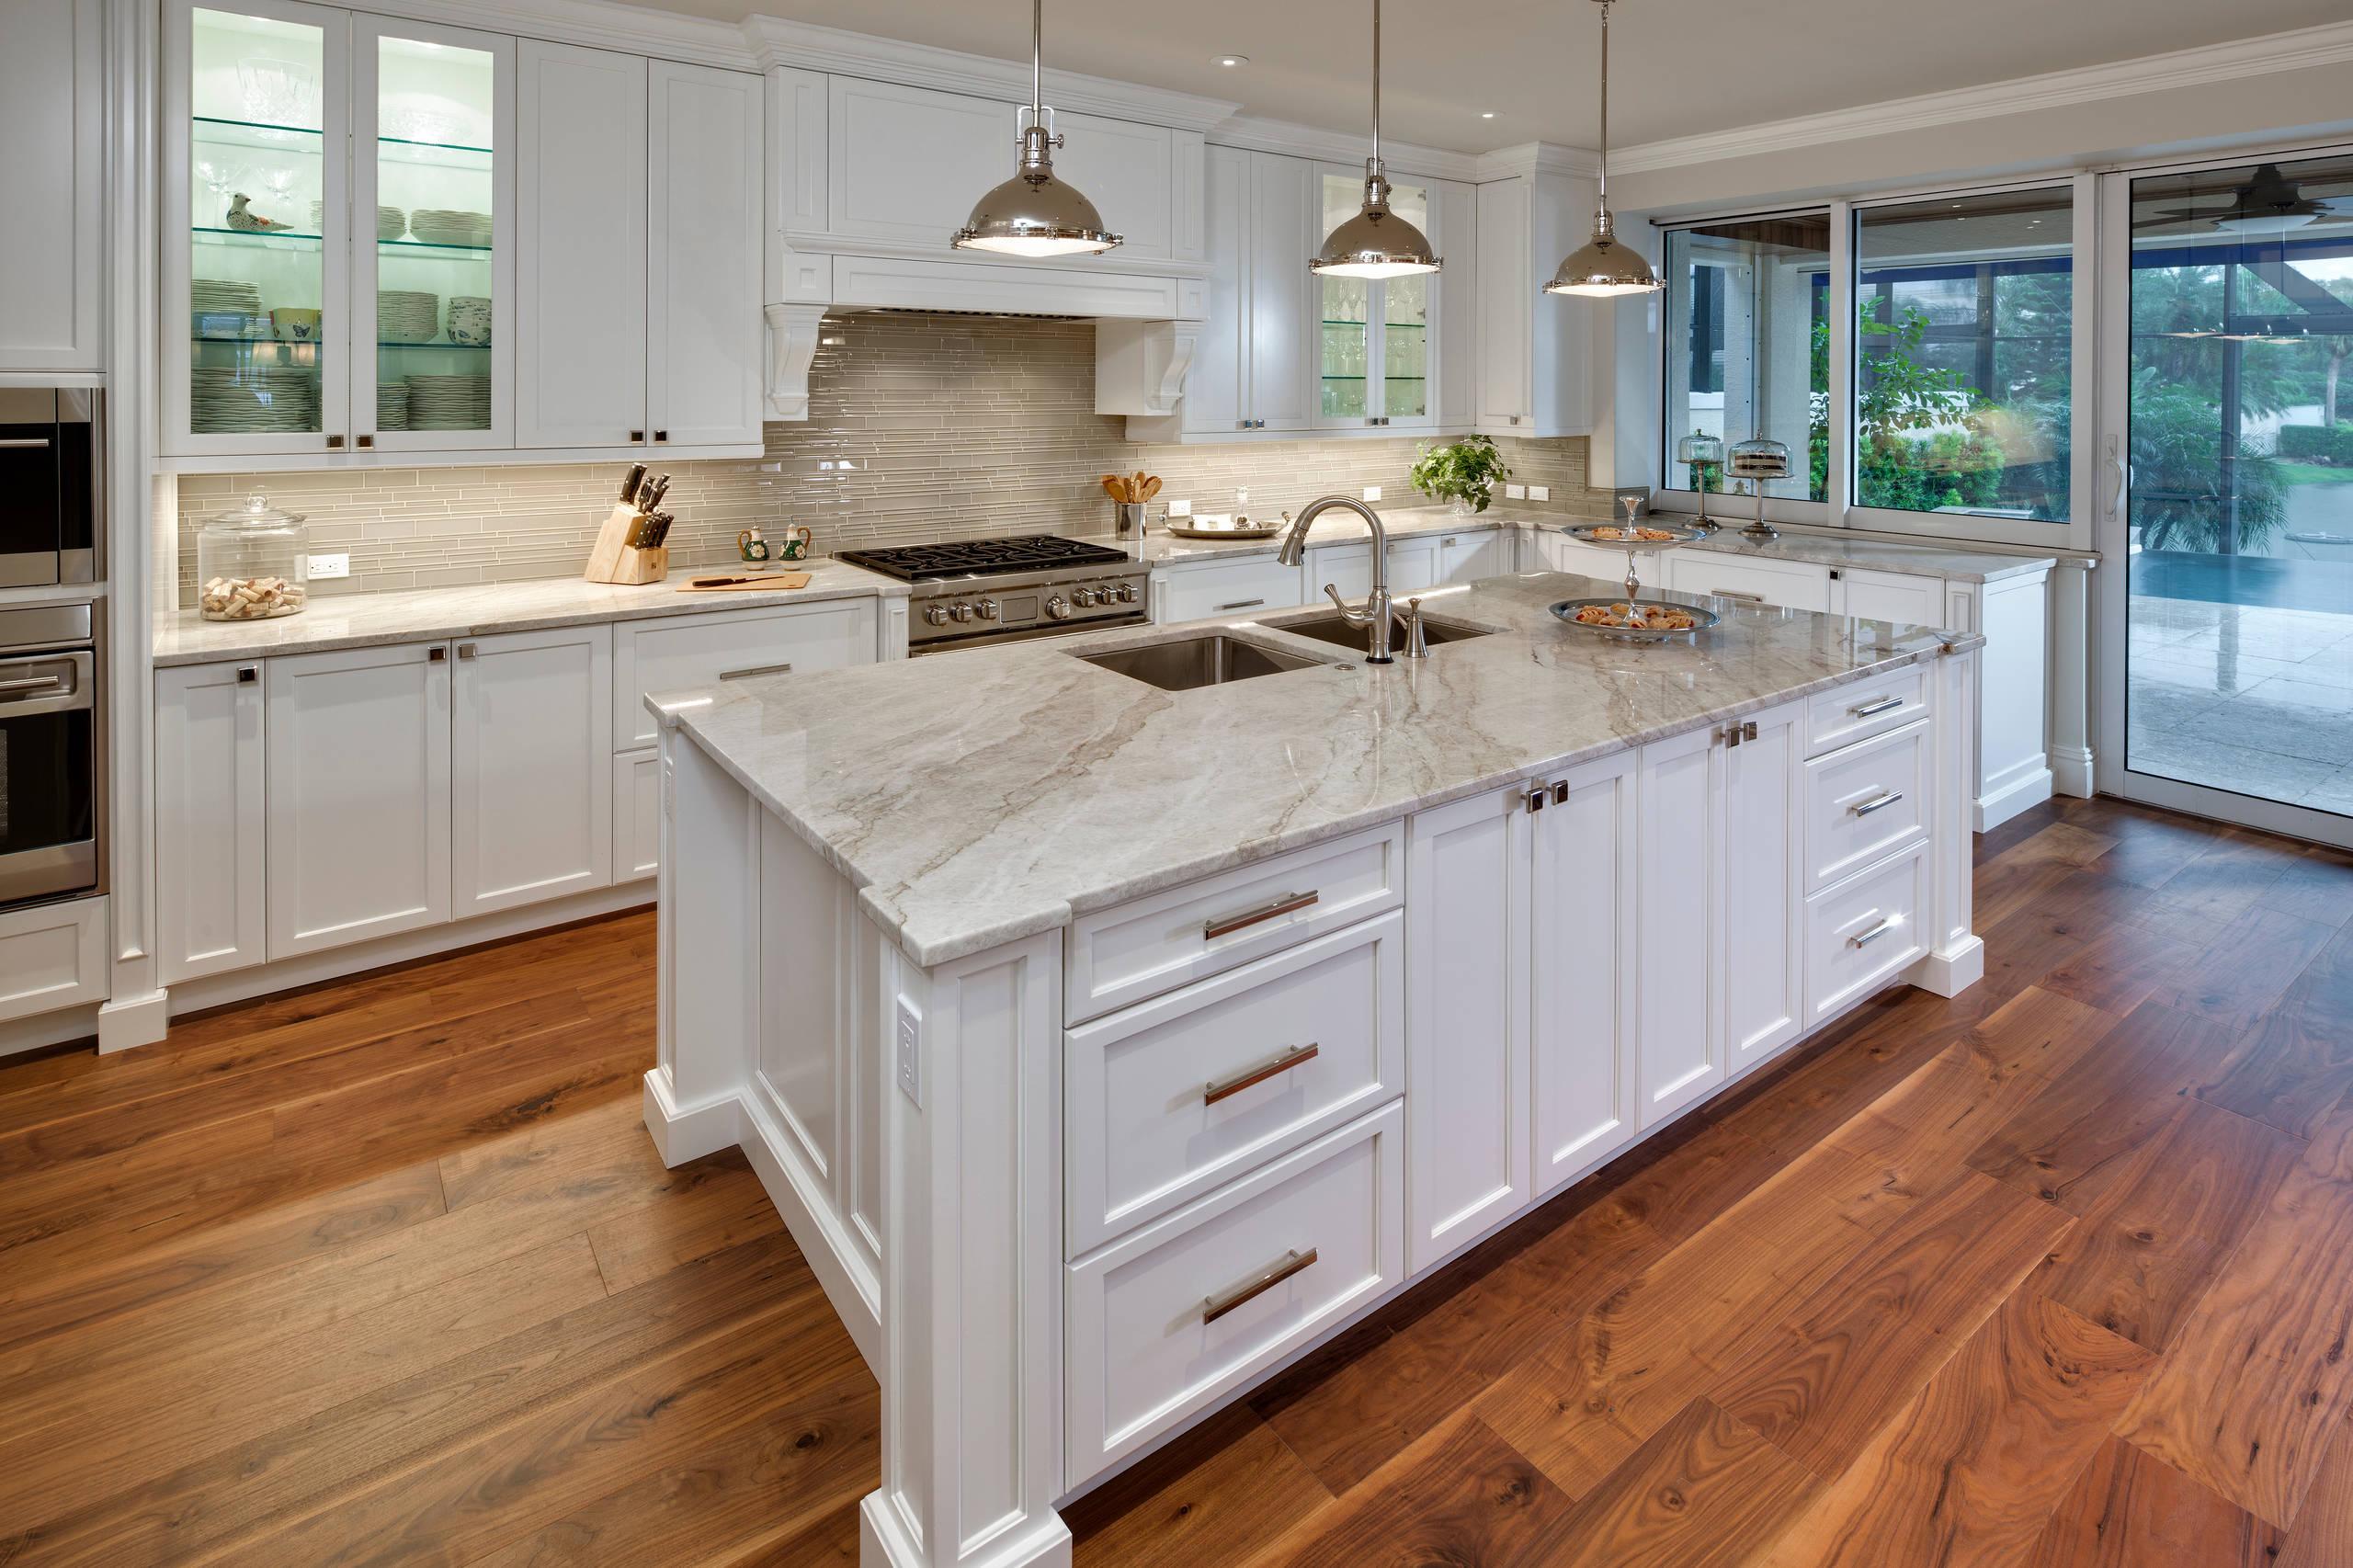 Certified Luxury Builders - 41 West - Pelican Bay - Hamptons Kitchen